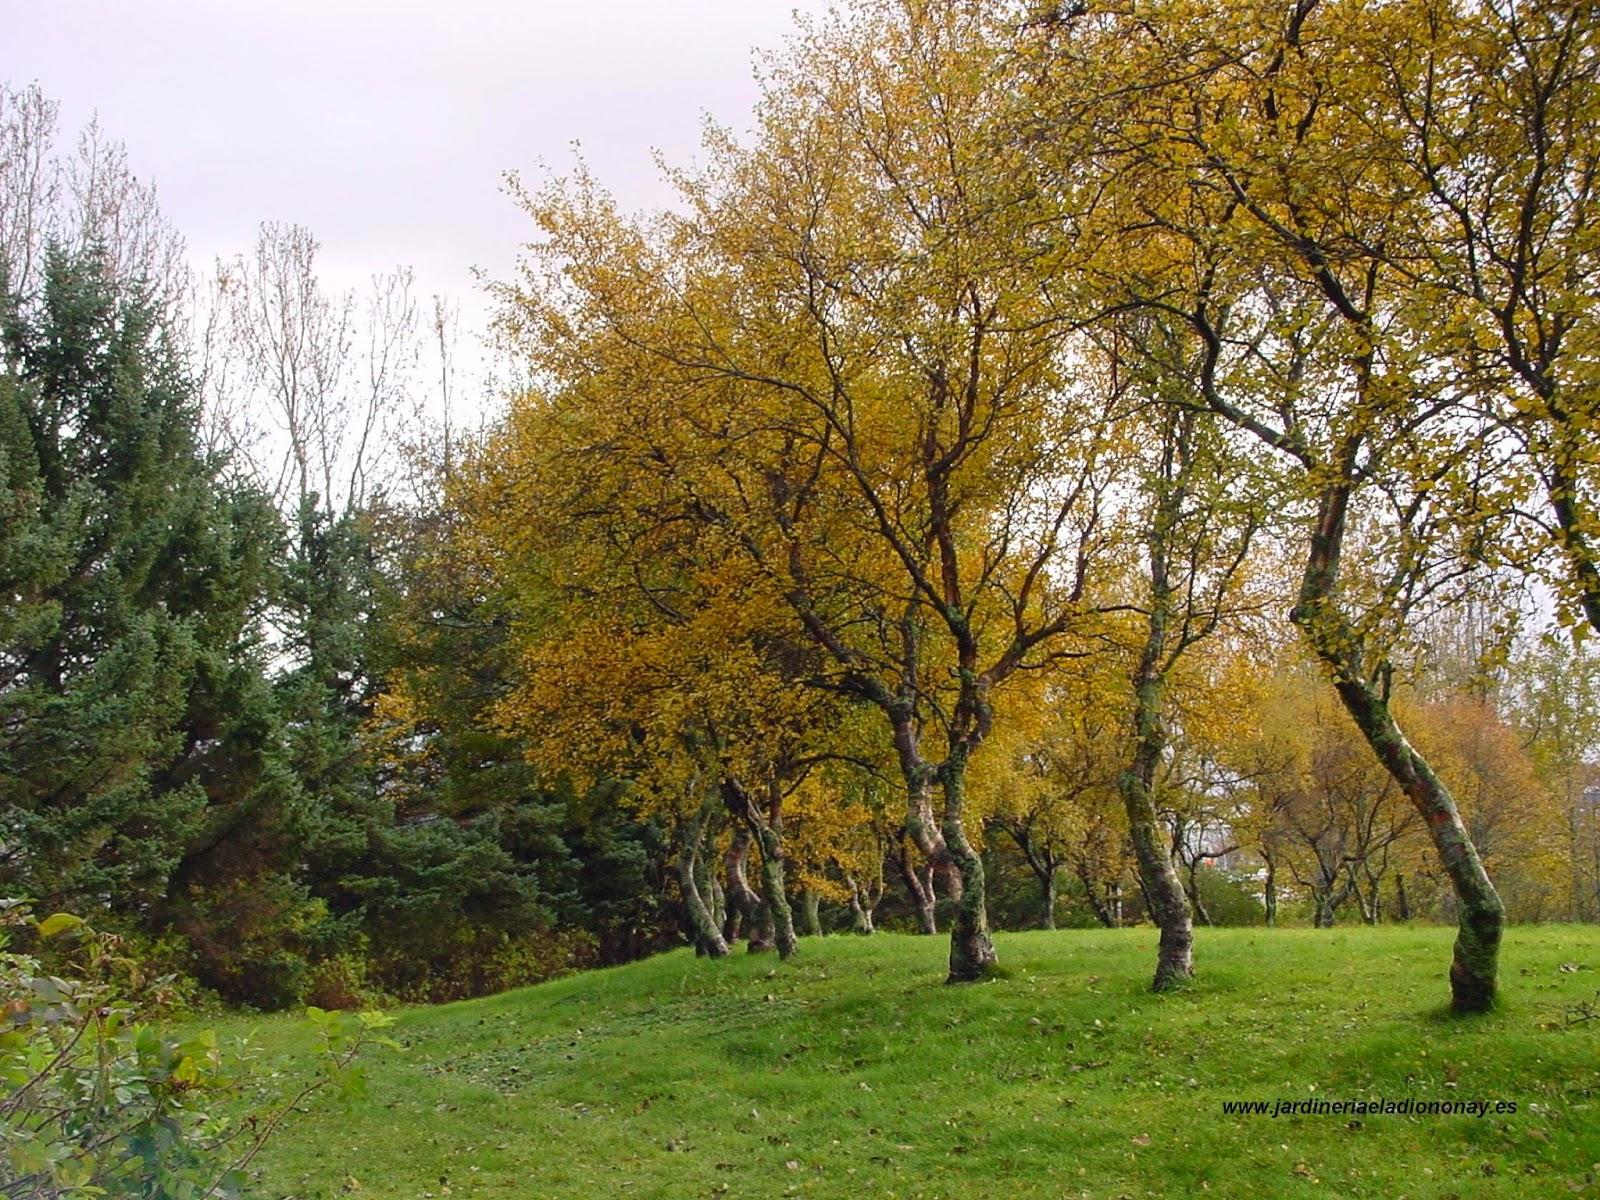 Jardineria eladio nonay planificaci n del jard n - Jardineria eladio nonay ...